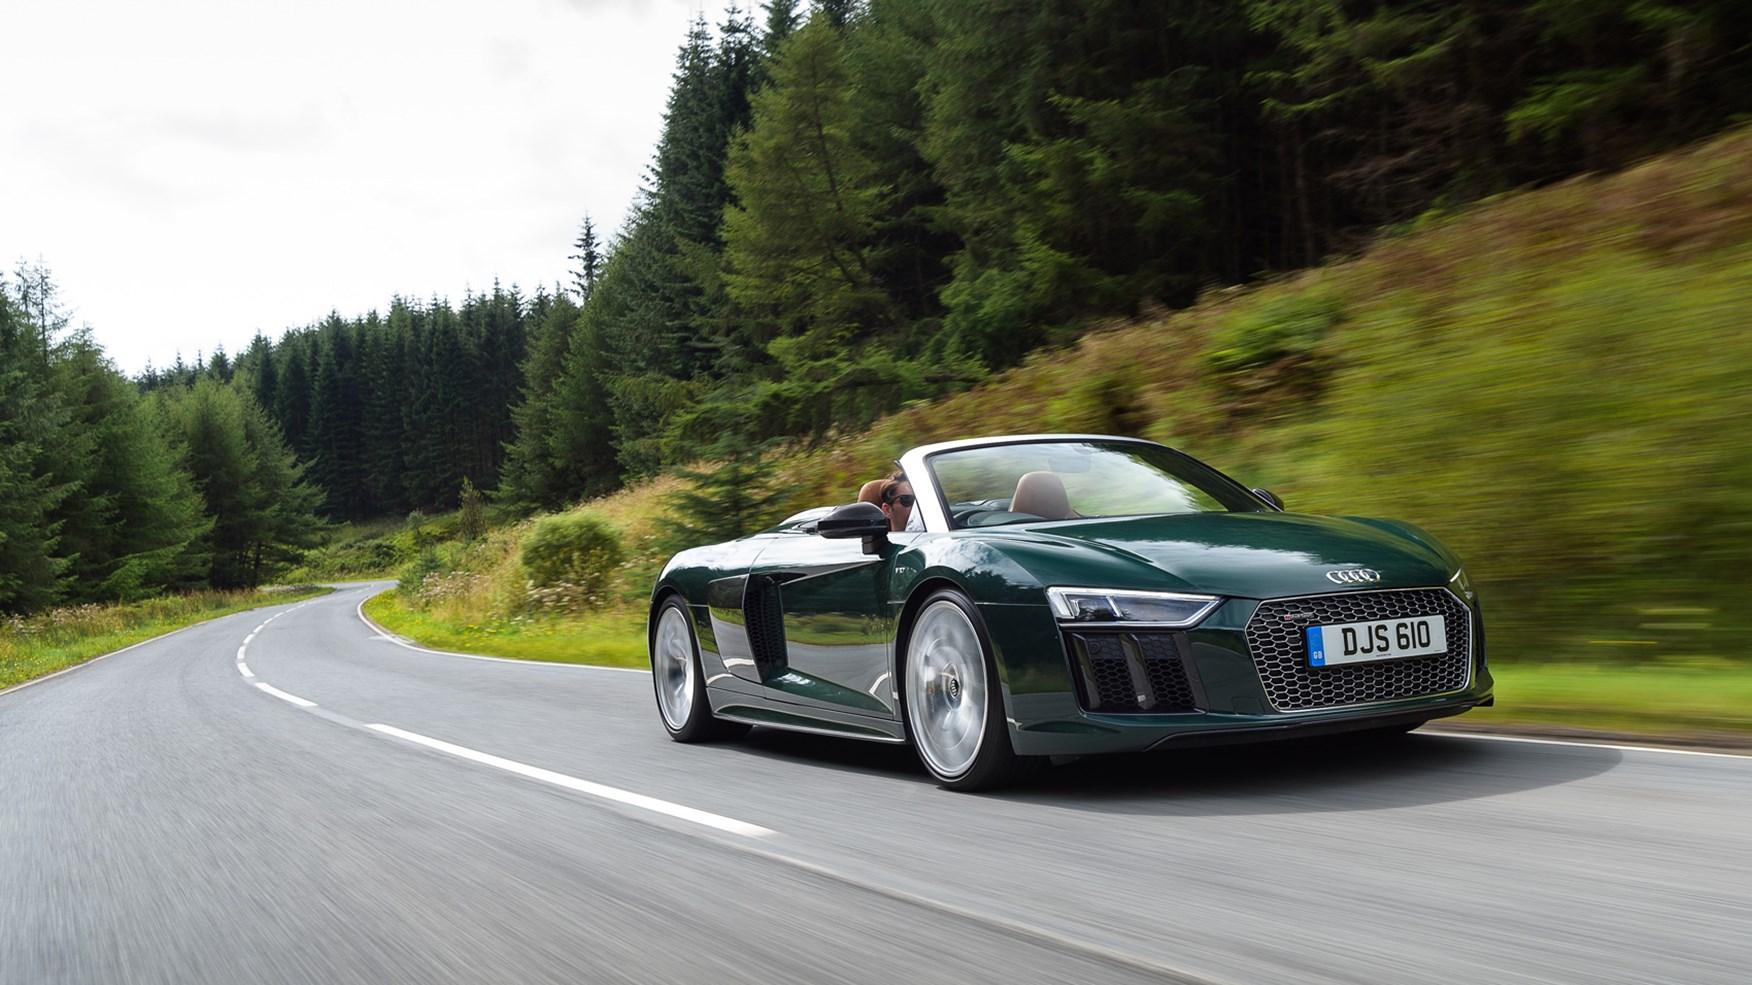 Audi r8 lease deals uk 14